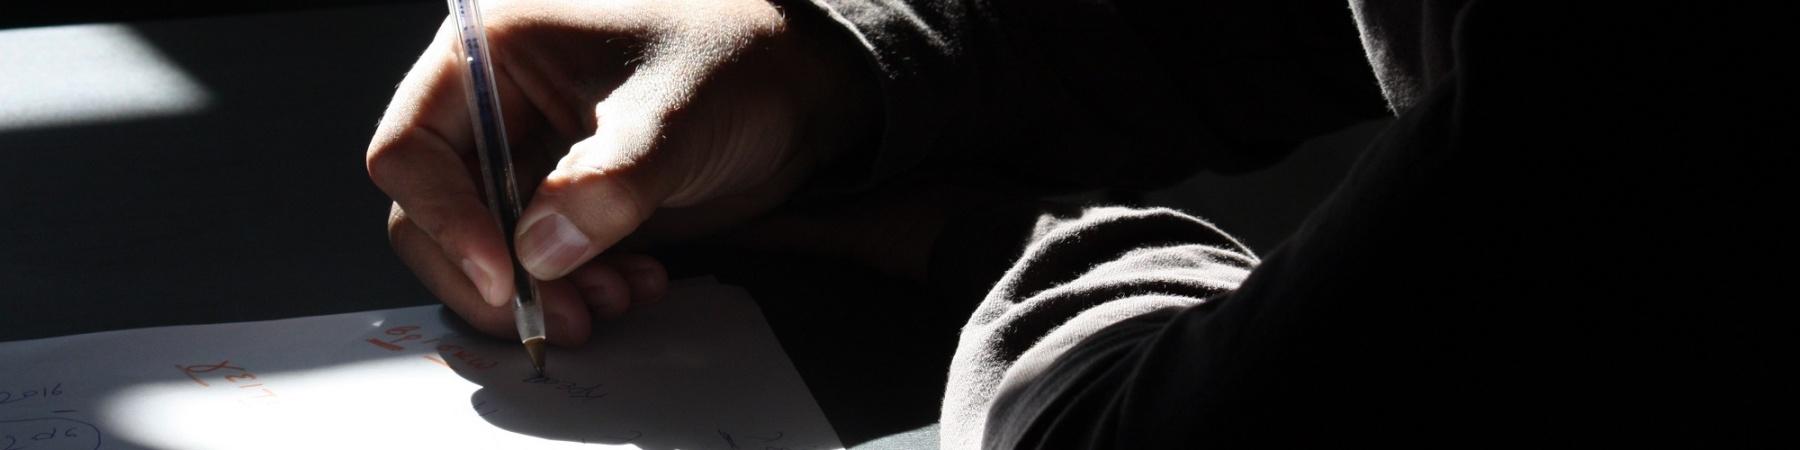 studente al banco di scuola scrive su un foglio